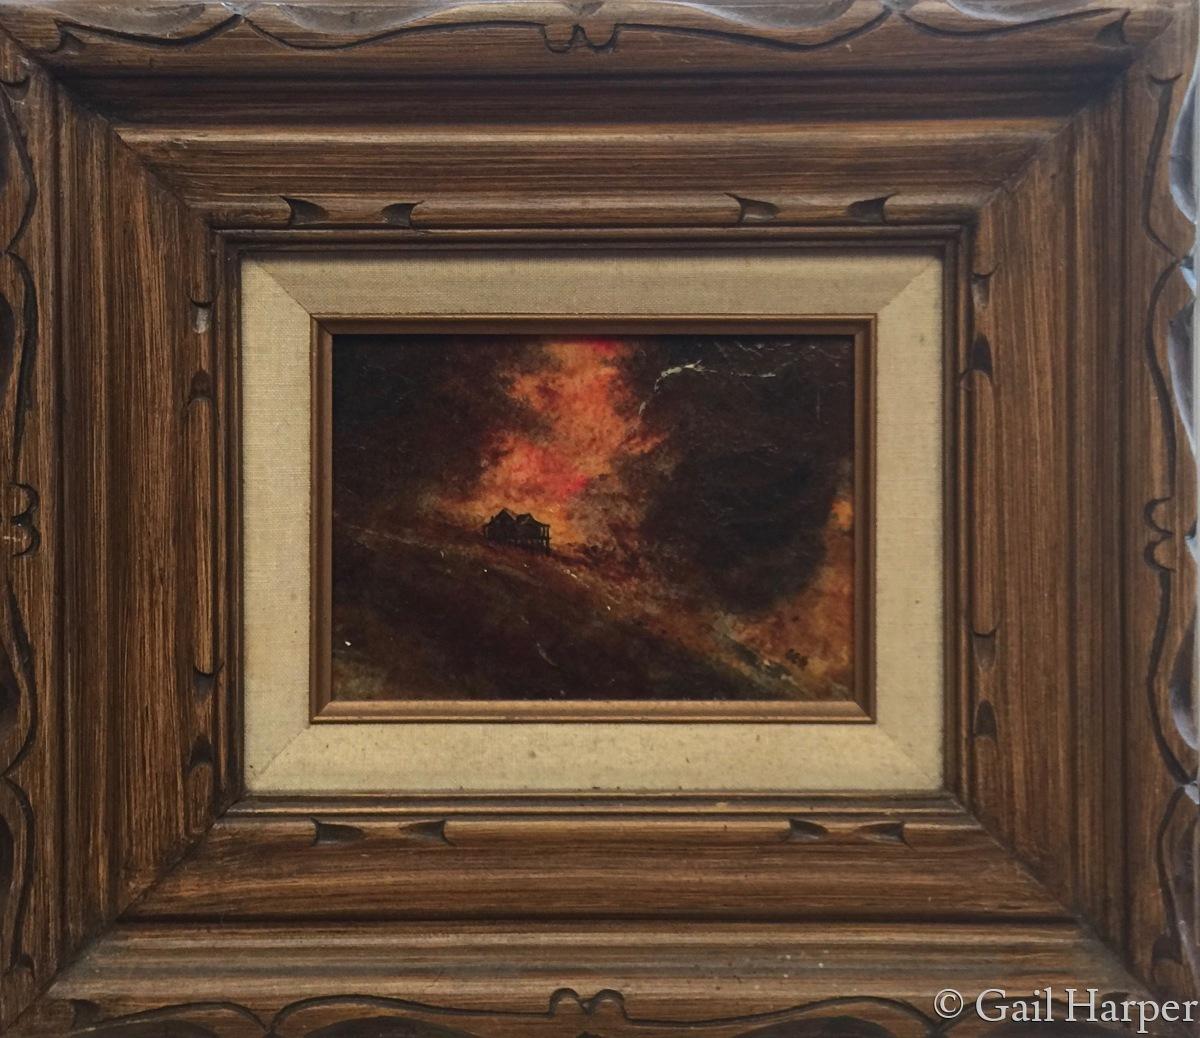 Firestorm (large view)